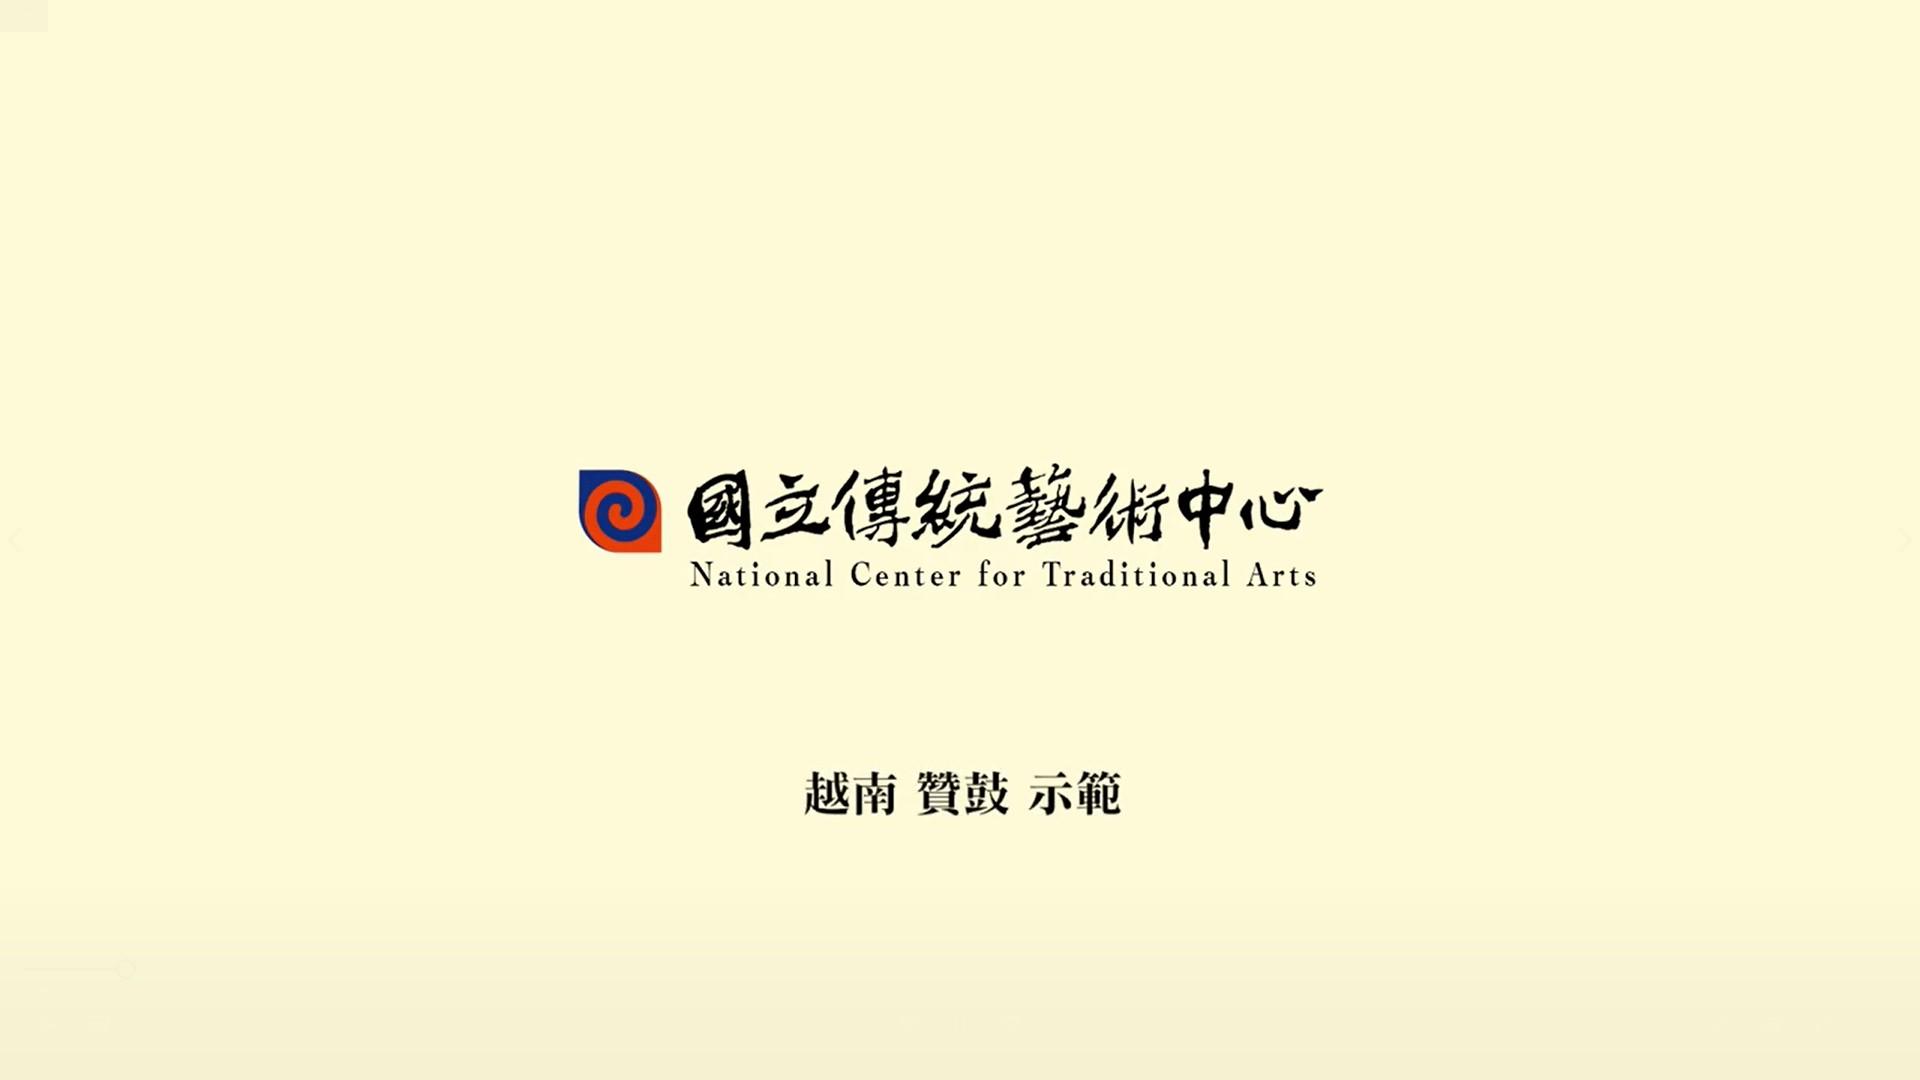 「亞太樂器常設展」樂器介紹-越南贊鼓